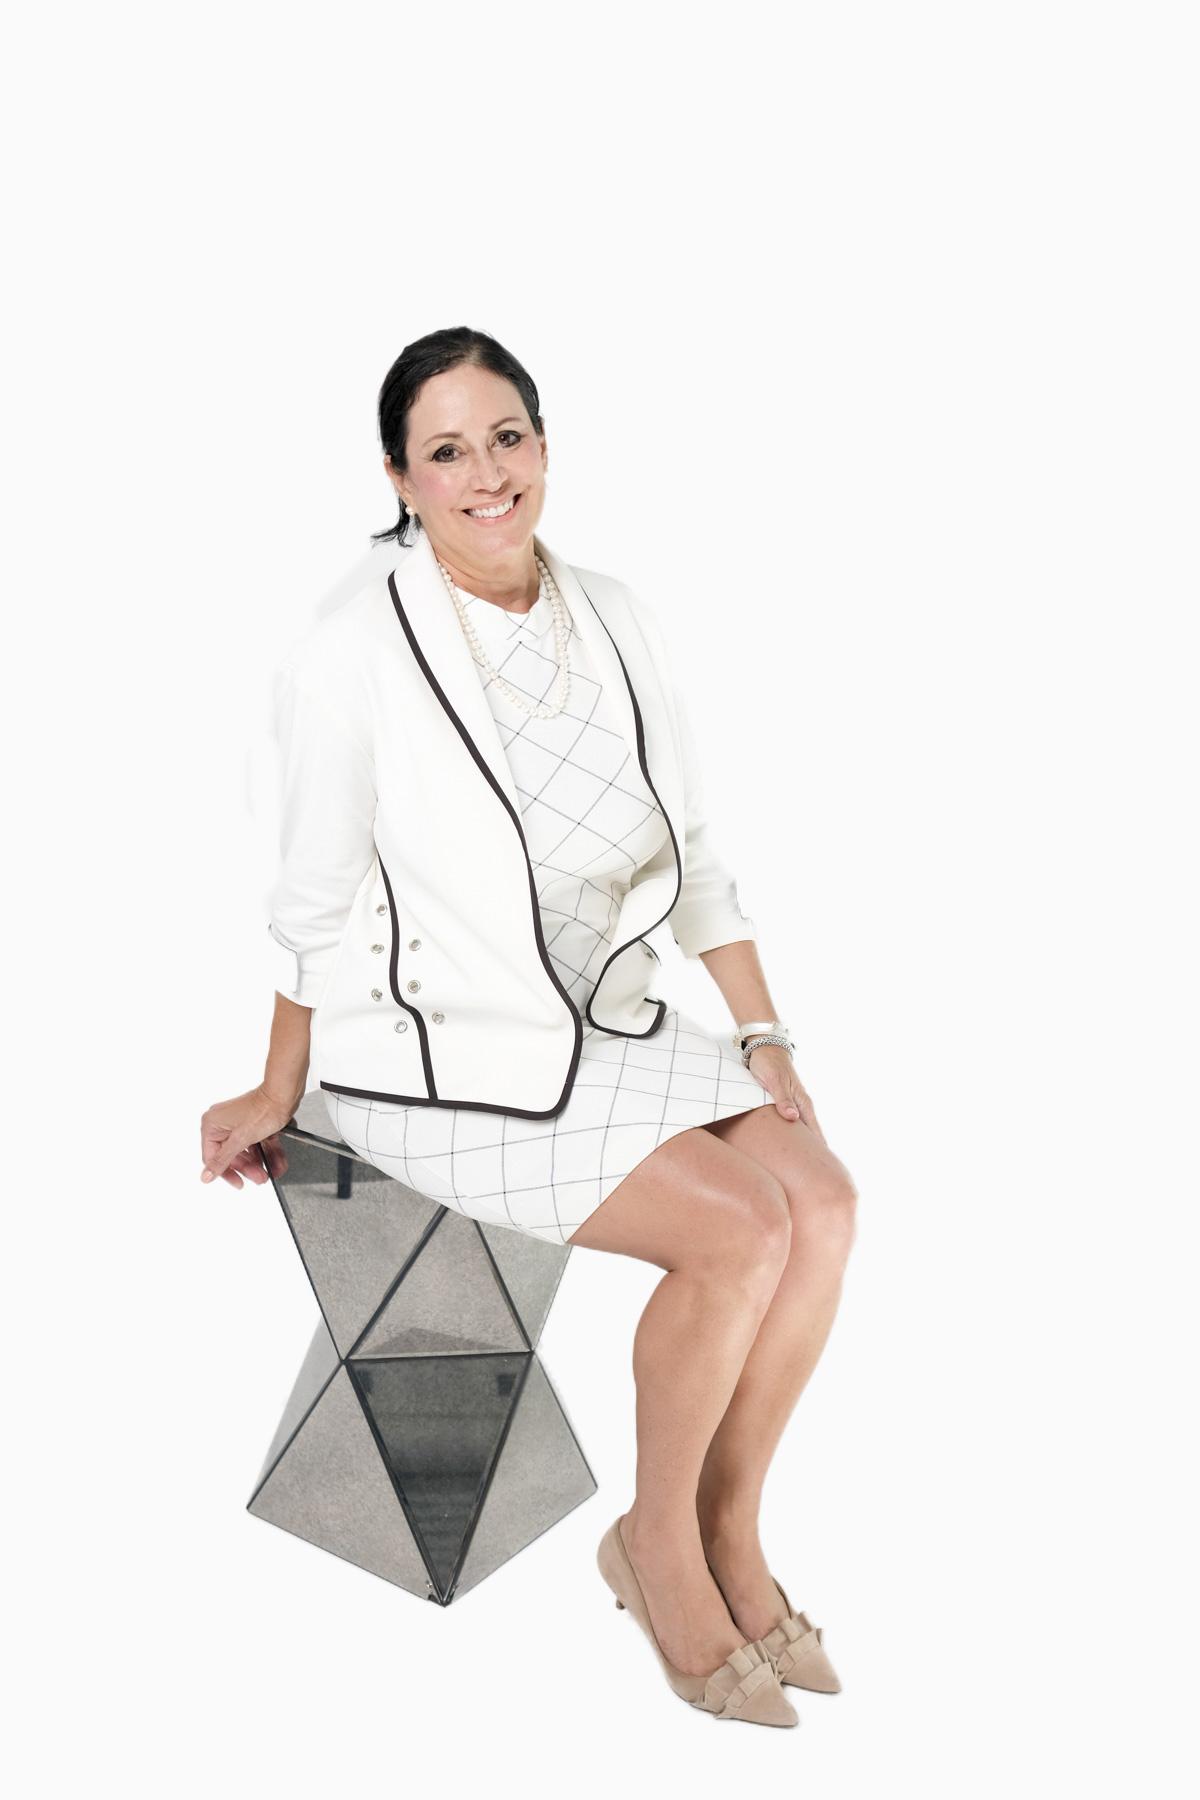 Marcia Pastrana